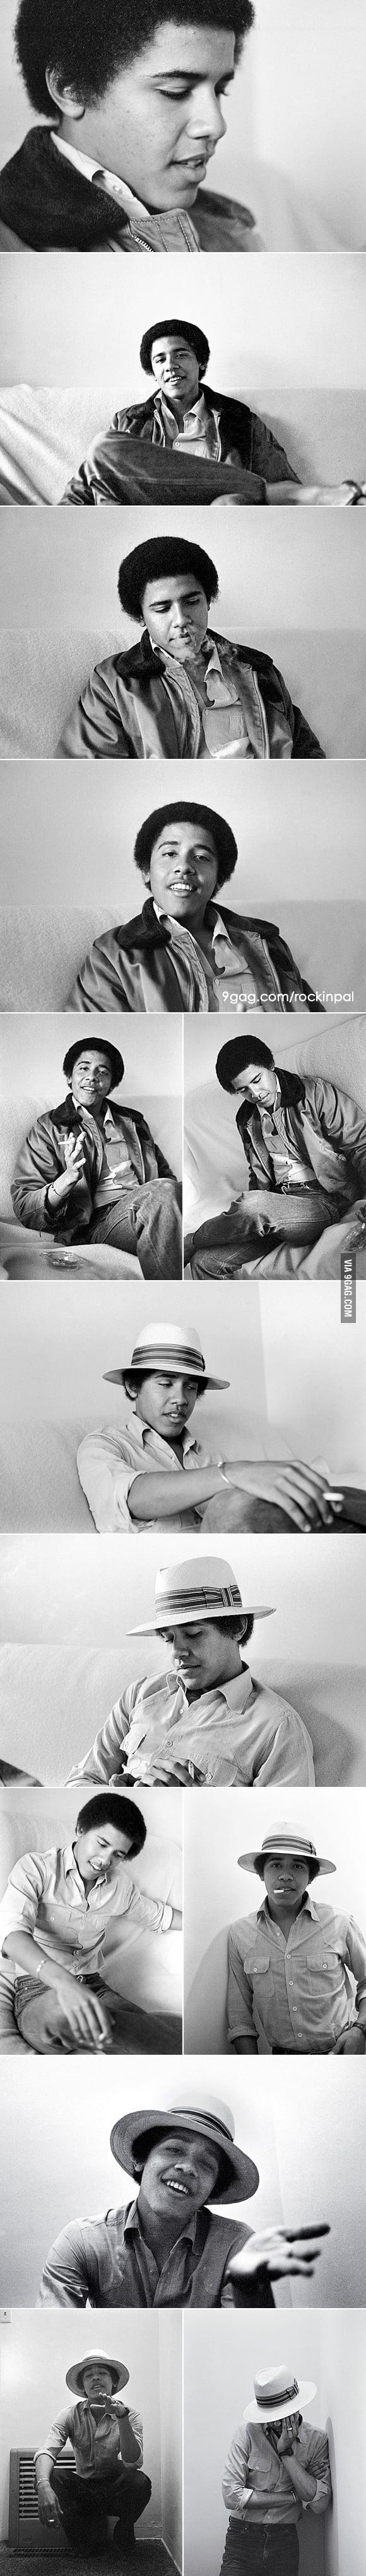 President Obama in 1980s, chilling.